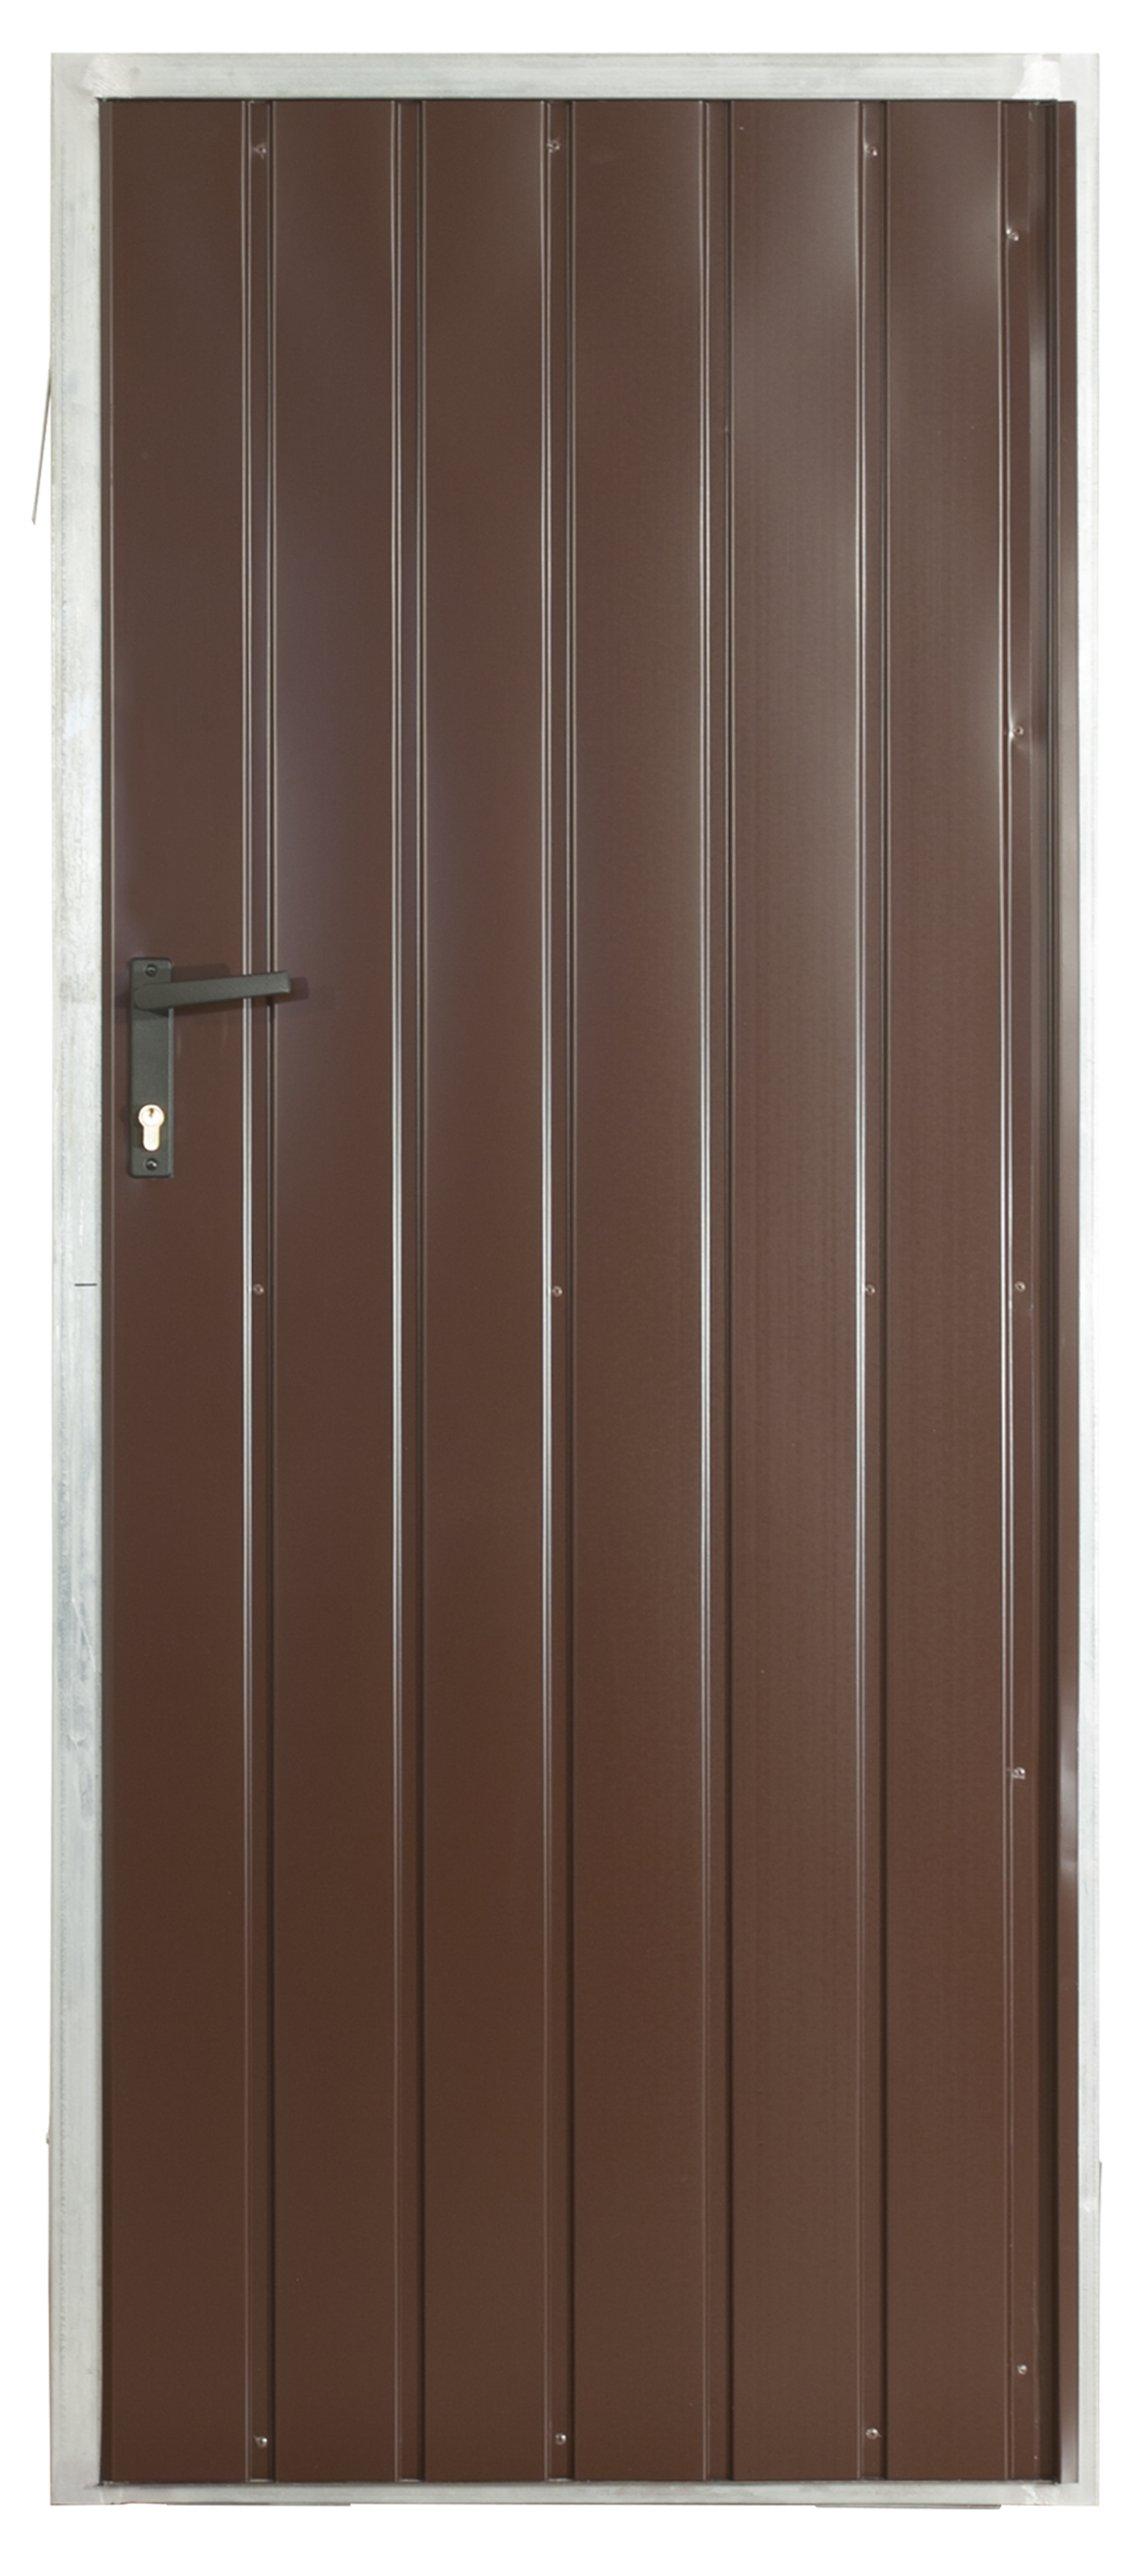 Zaktualizowano Drzwi do piwnicy kotłowni garażu ganku drewutni! - 7173696828 LM38